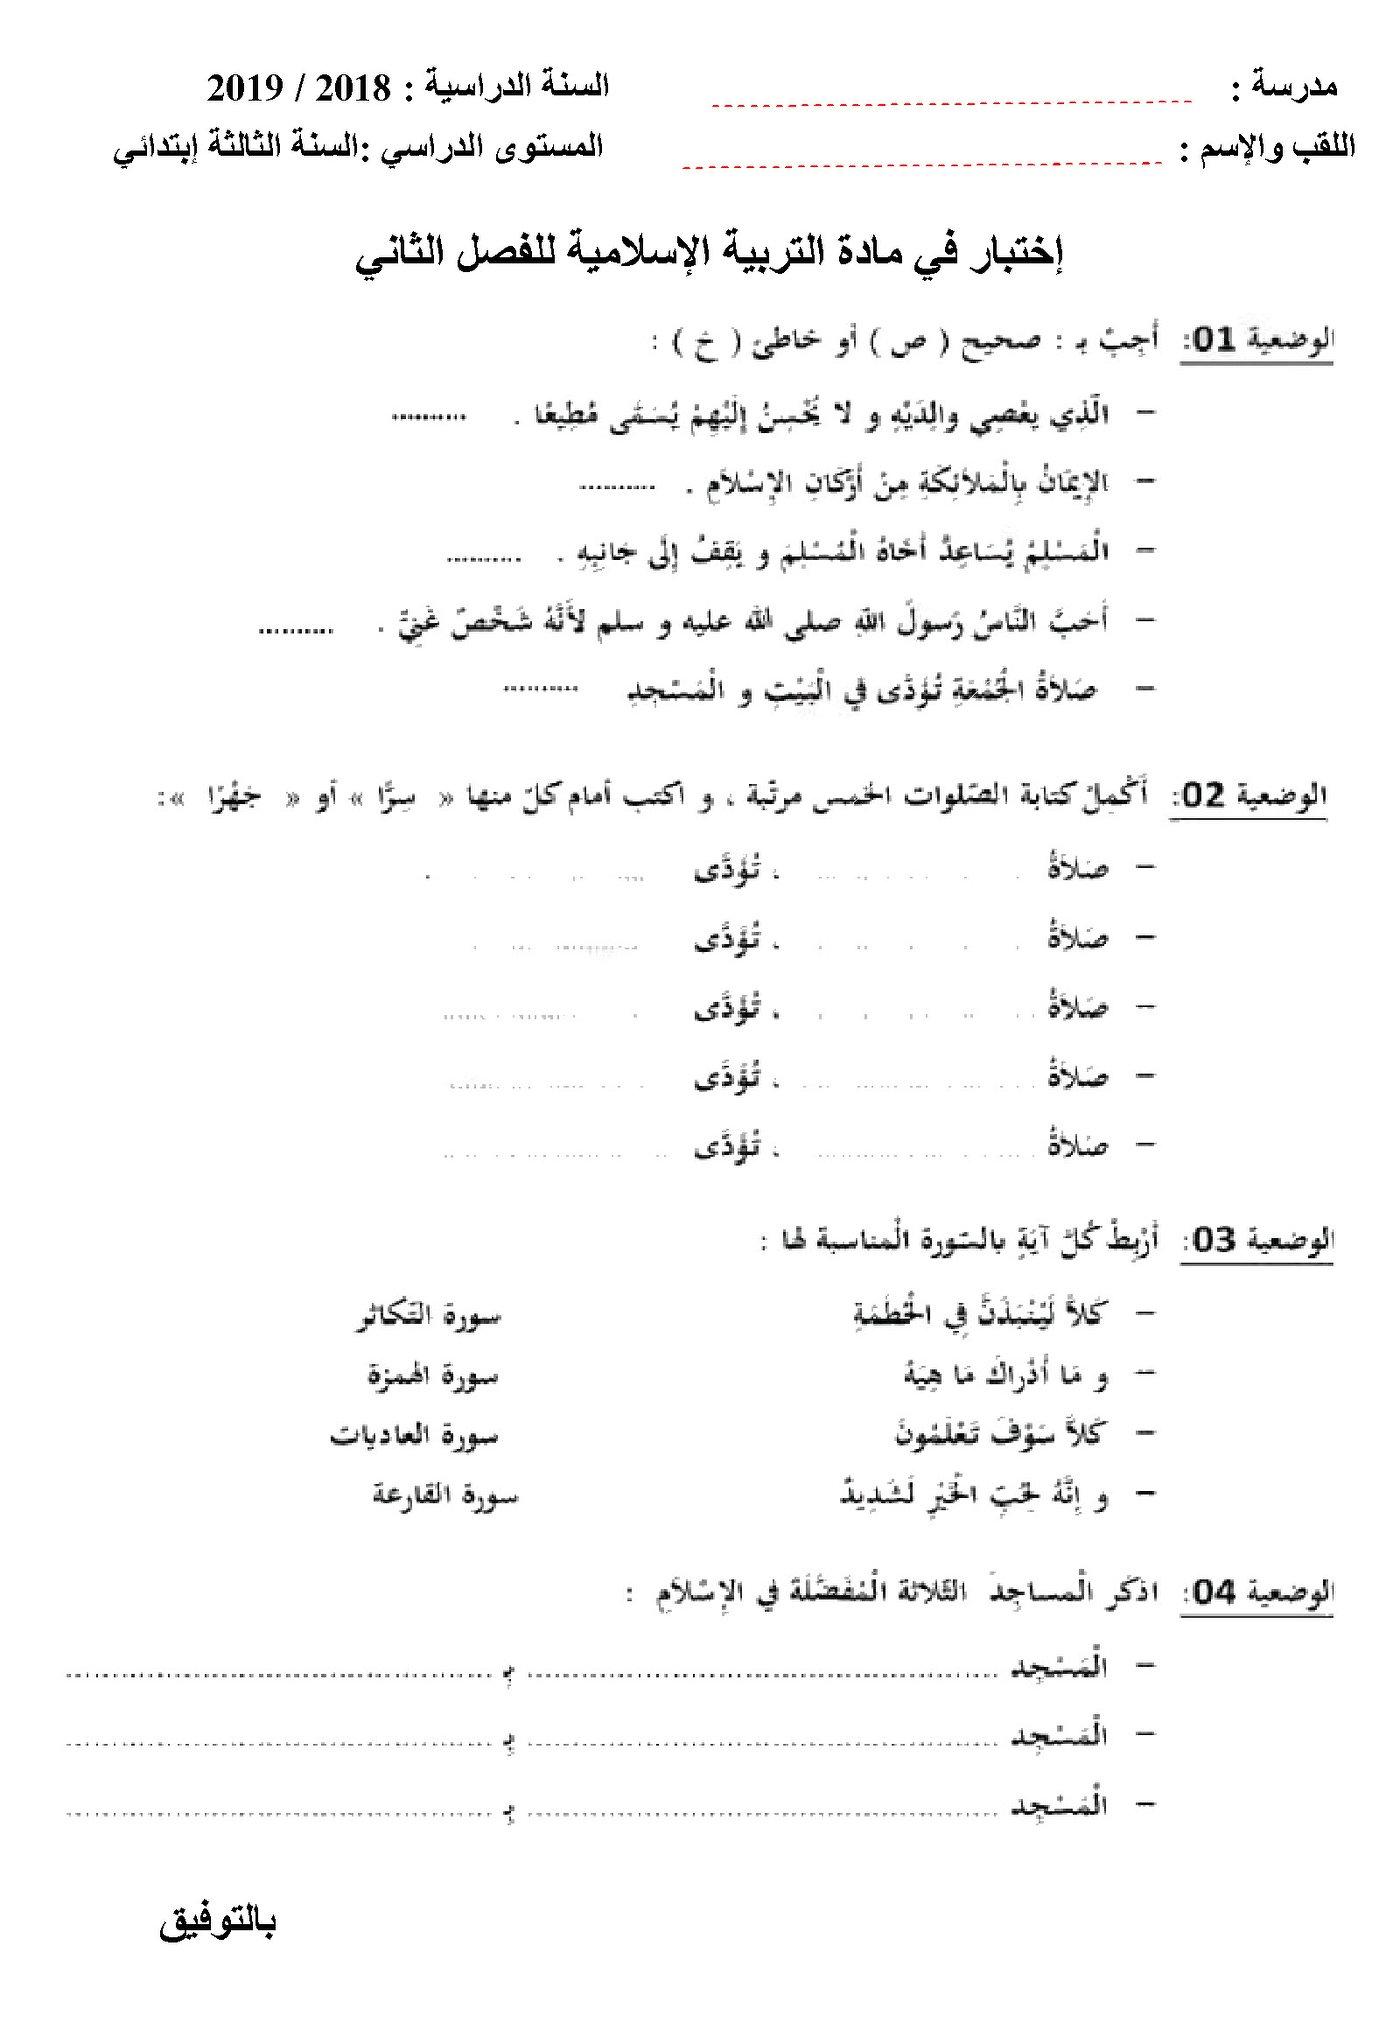 اختبار الفصل الثاني في التربية الاسلامية مع الحل   الثالثة ابتدائي   الموضوع 01